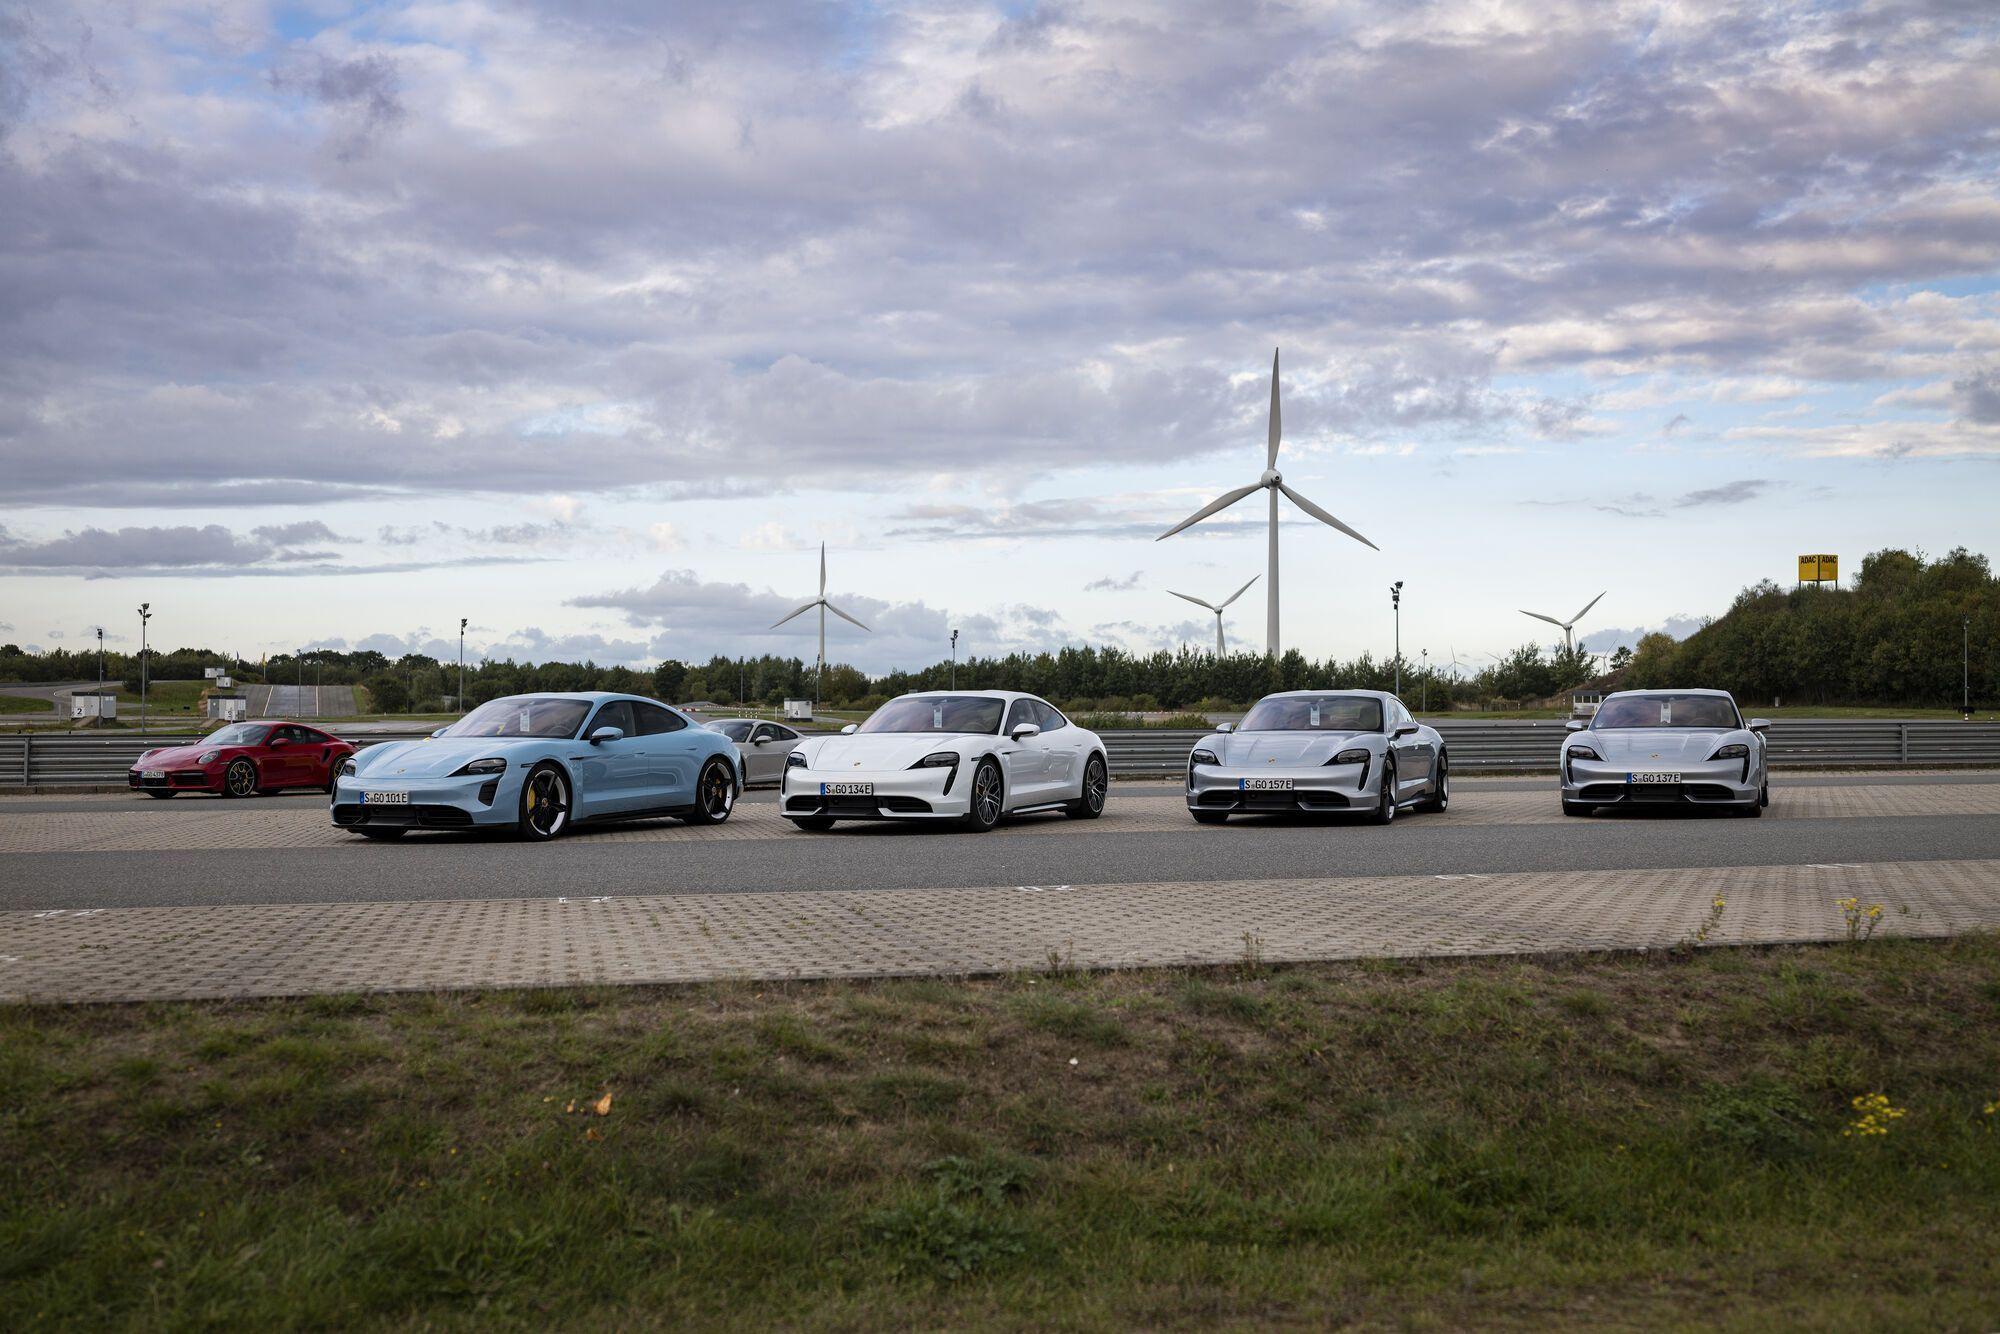 Синтетическое топливо из Чили будет использоваться компанией Porsche в различных проектах